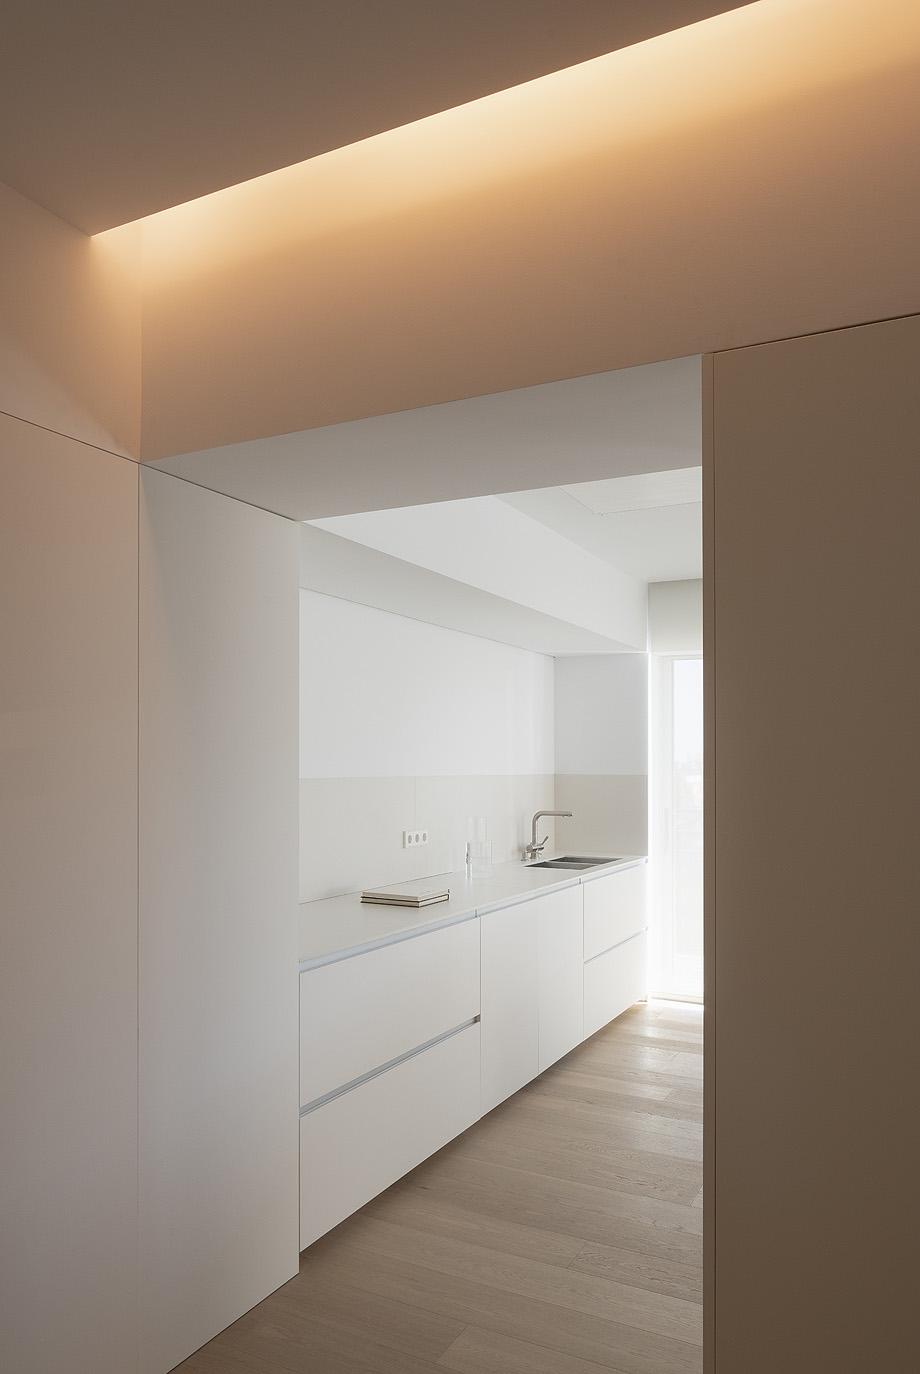 vivienda en orihuela de balzar arquitectos (15) - foto david zarzoso